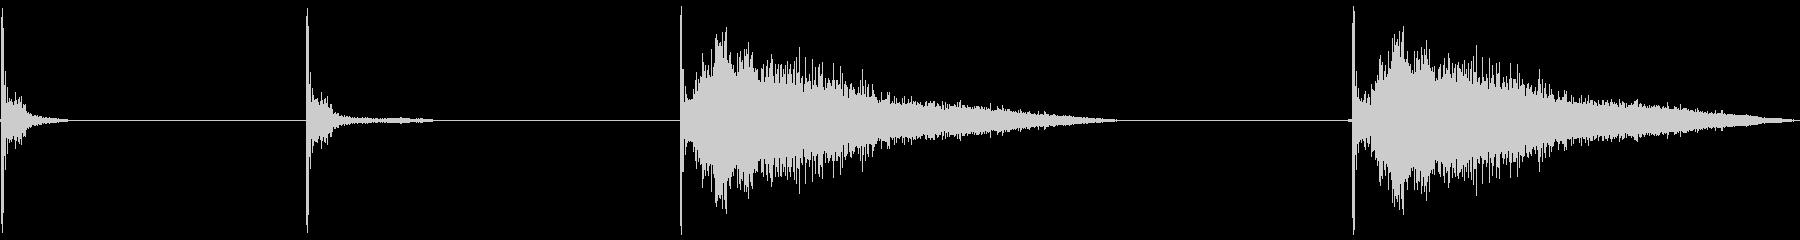 マシンガン、4バージョン、加工済み...の未再生の波形